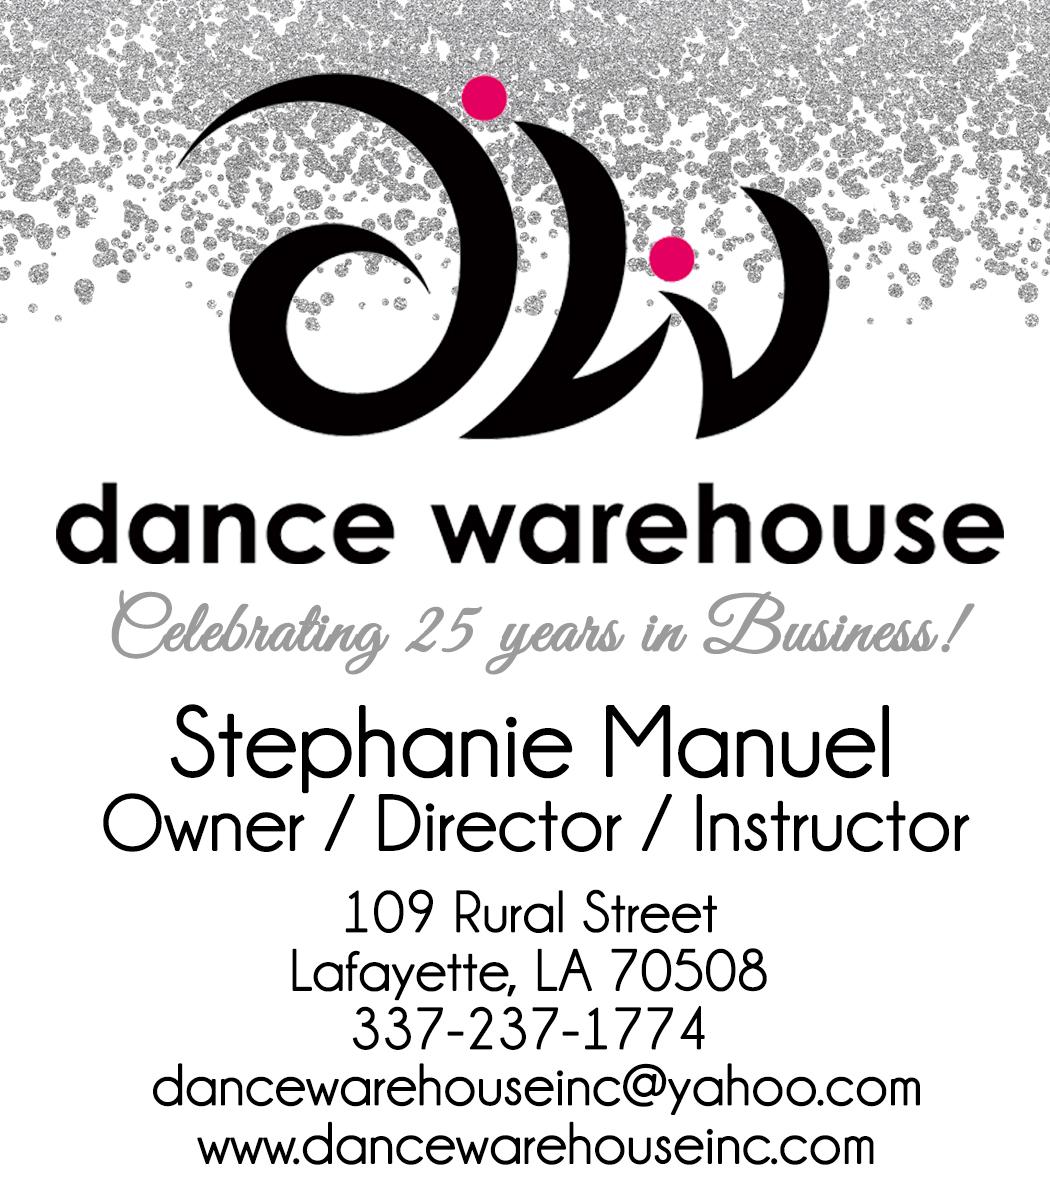 Dance Warehouse, Inc.